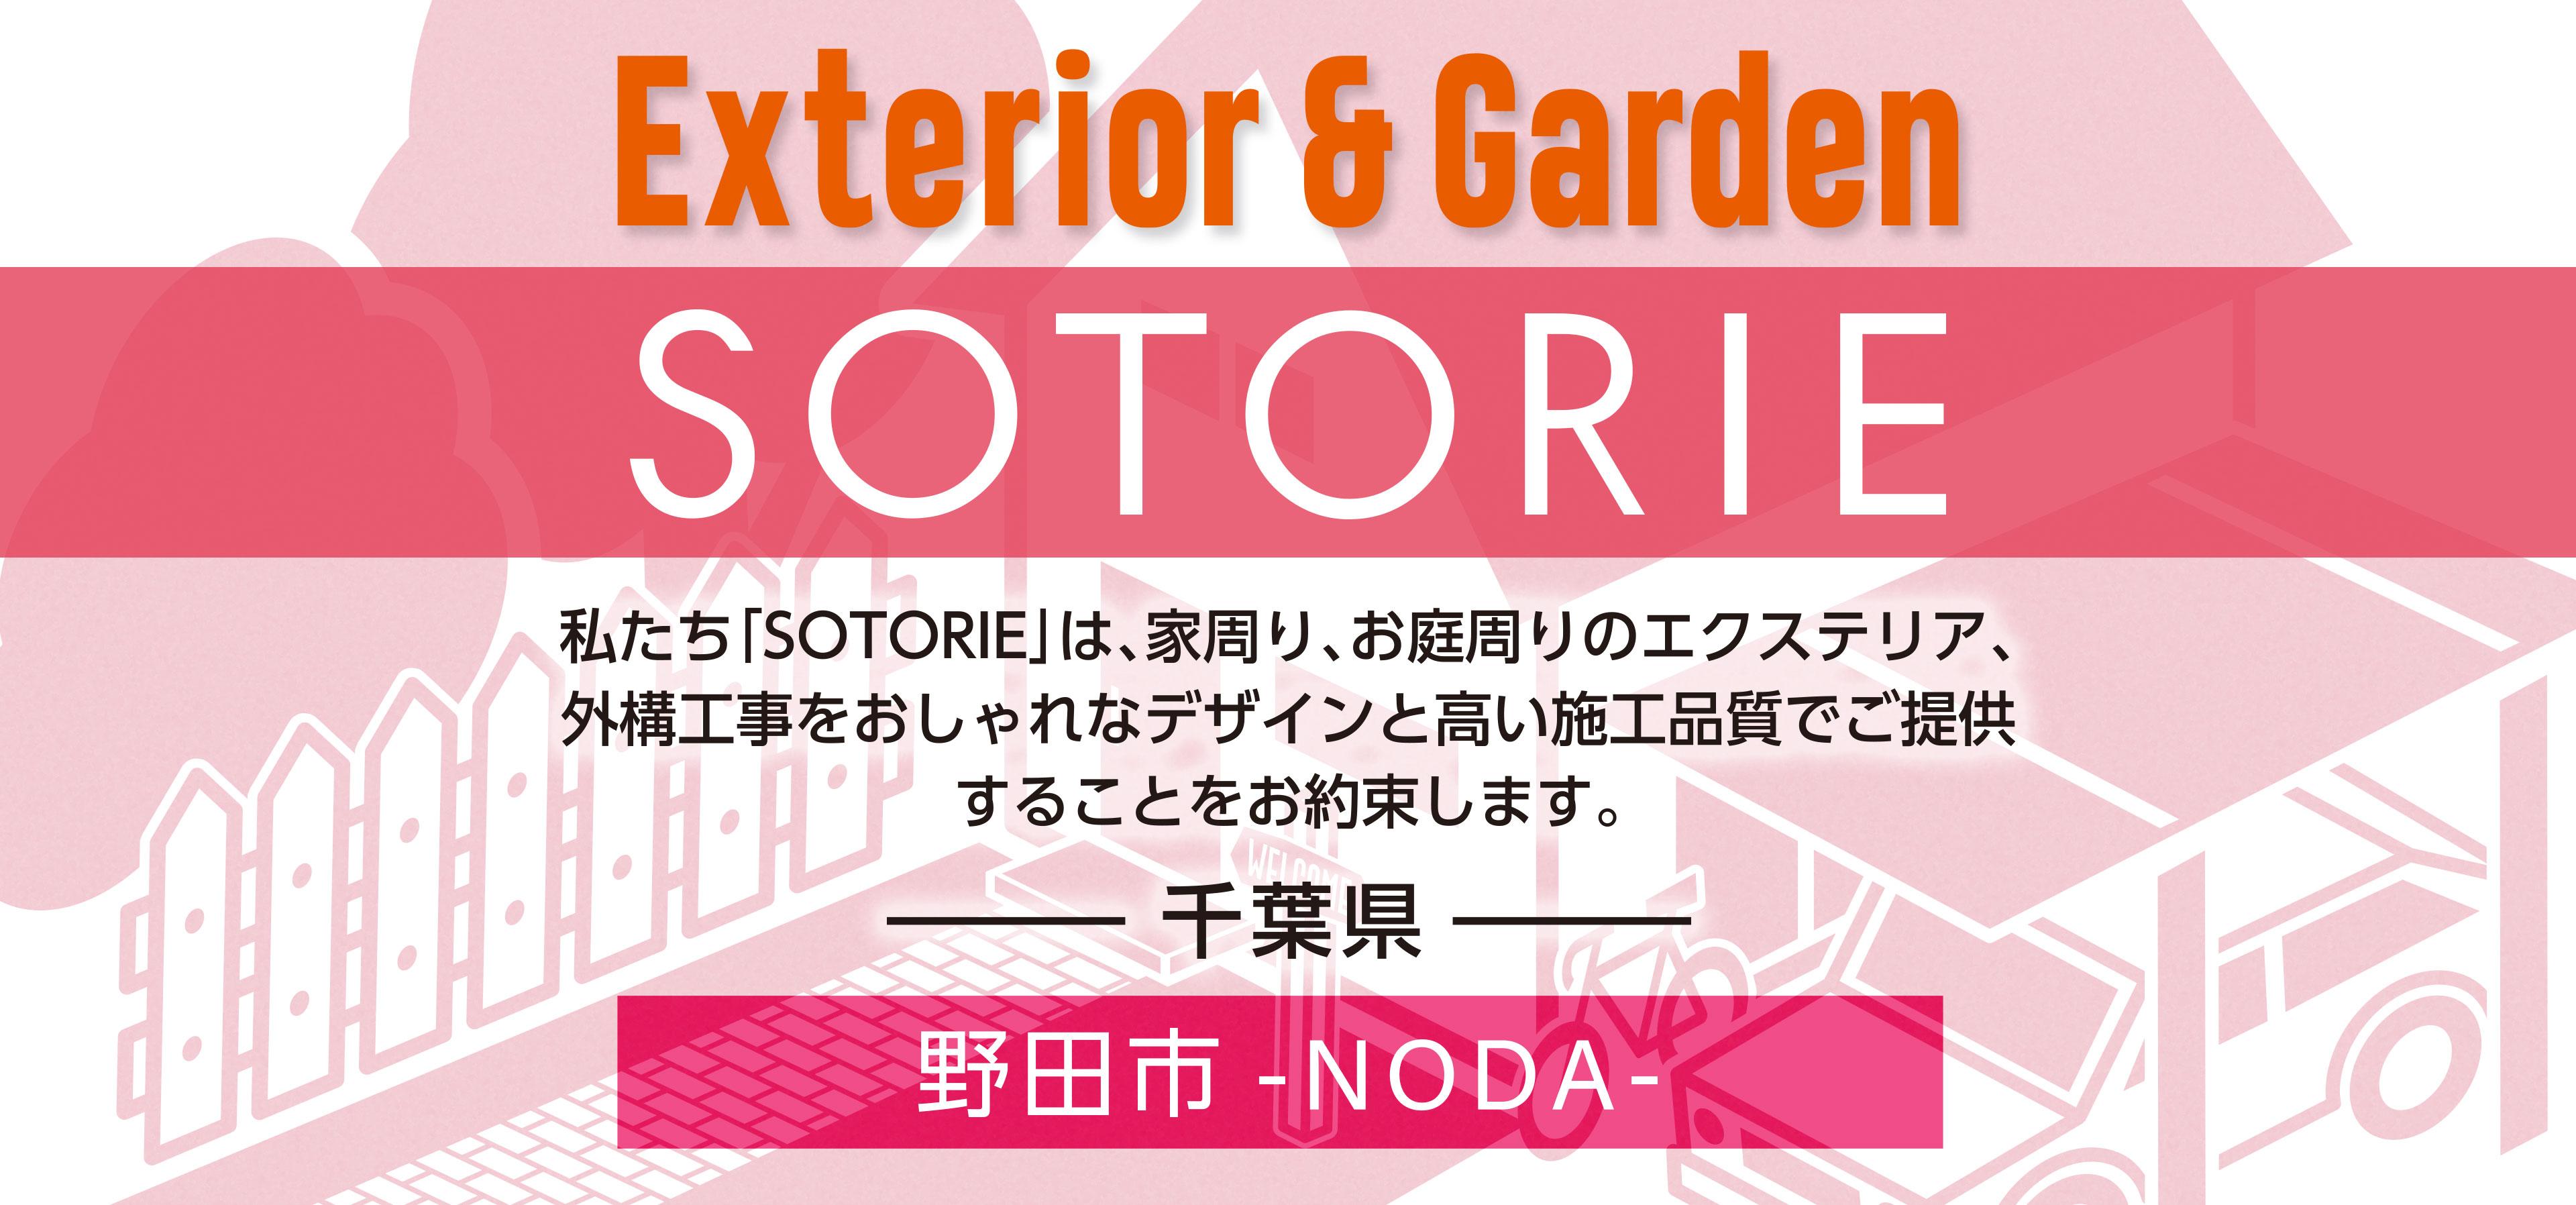 ソトリエ野田市では、家周りと庭周りの外構、エクステリア工事をおしゃれなデザインと高い施工品質でご提供することをお約束します。